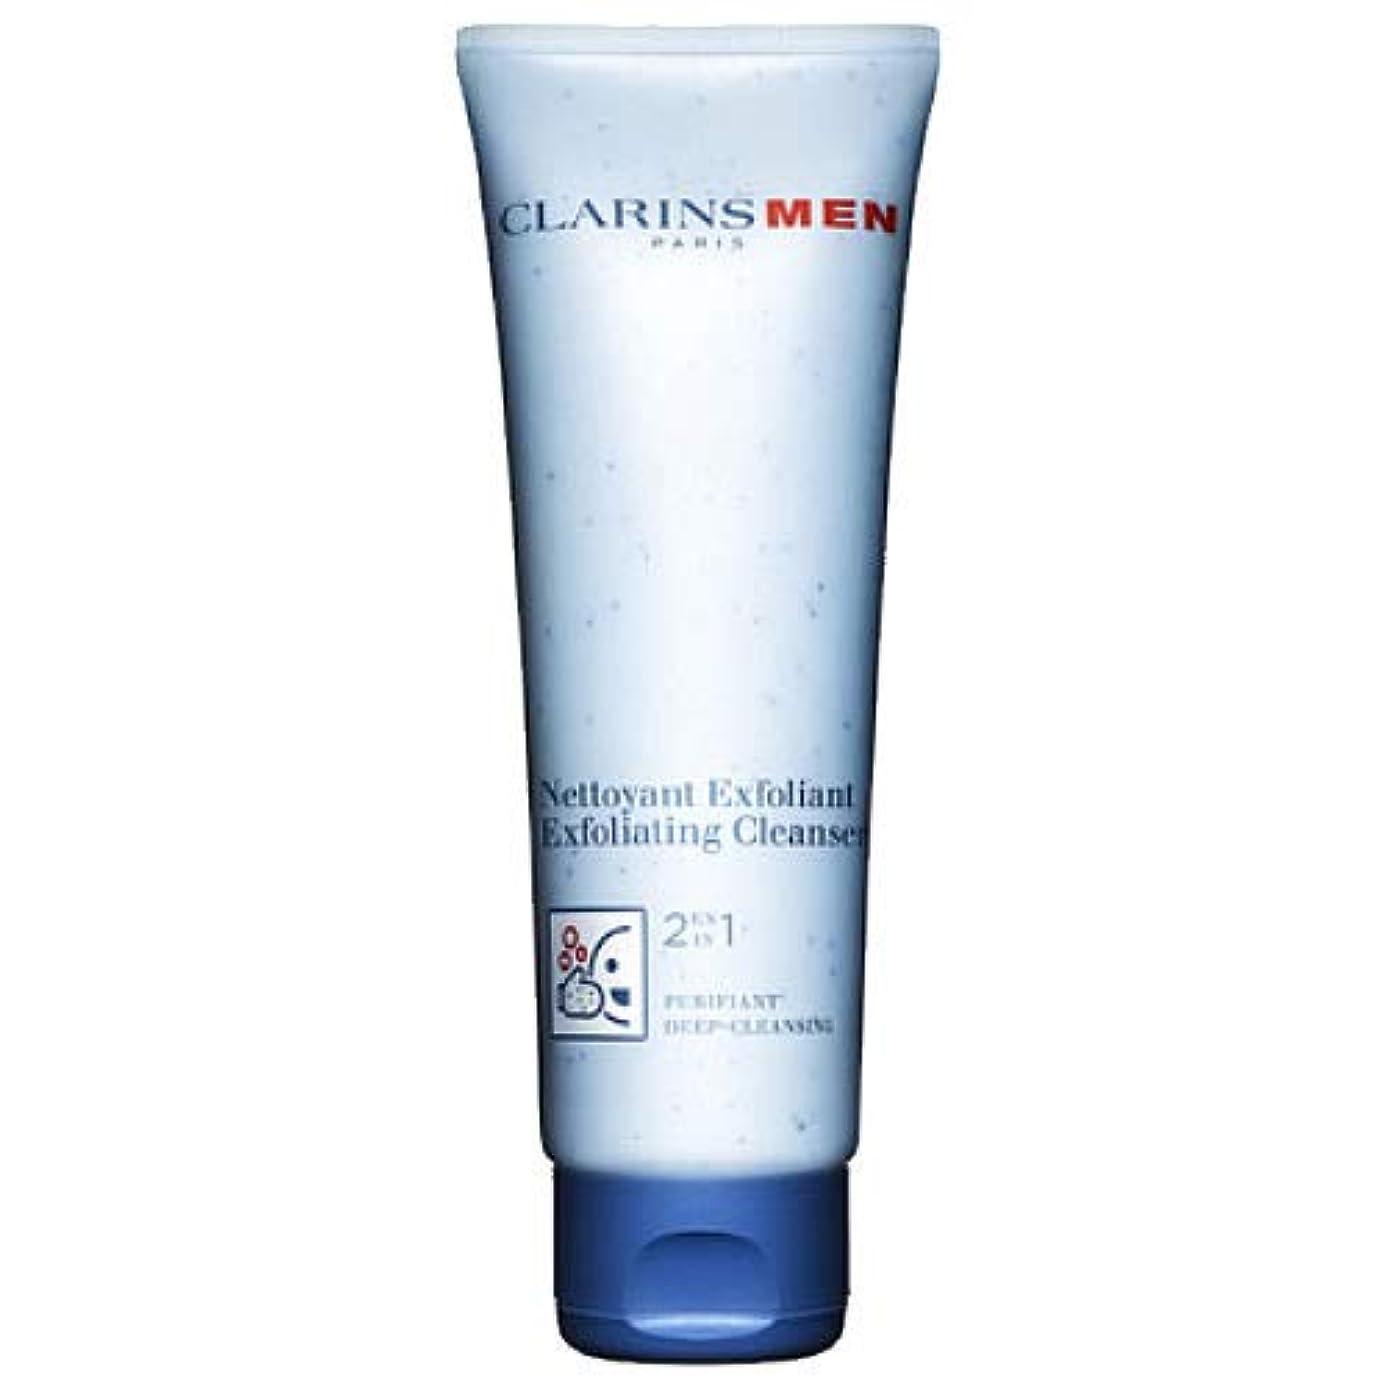 クラランス CLARINS クラランス メン エクスフォリエイティング クレンザー 125ml [並行輸入品]